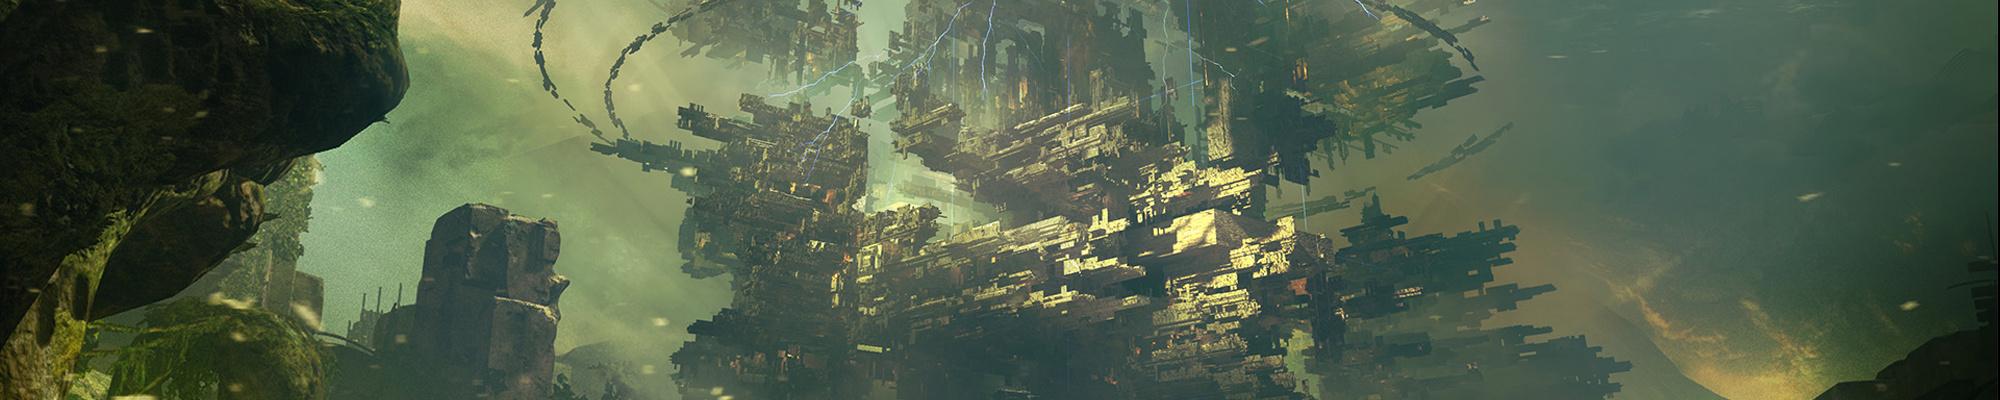 Destiny命运编年史 第四章:机械种族篇